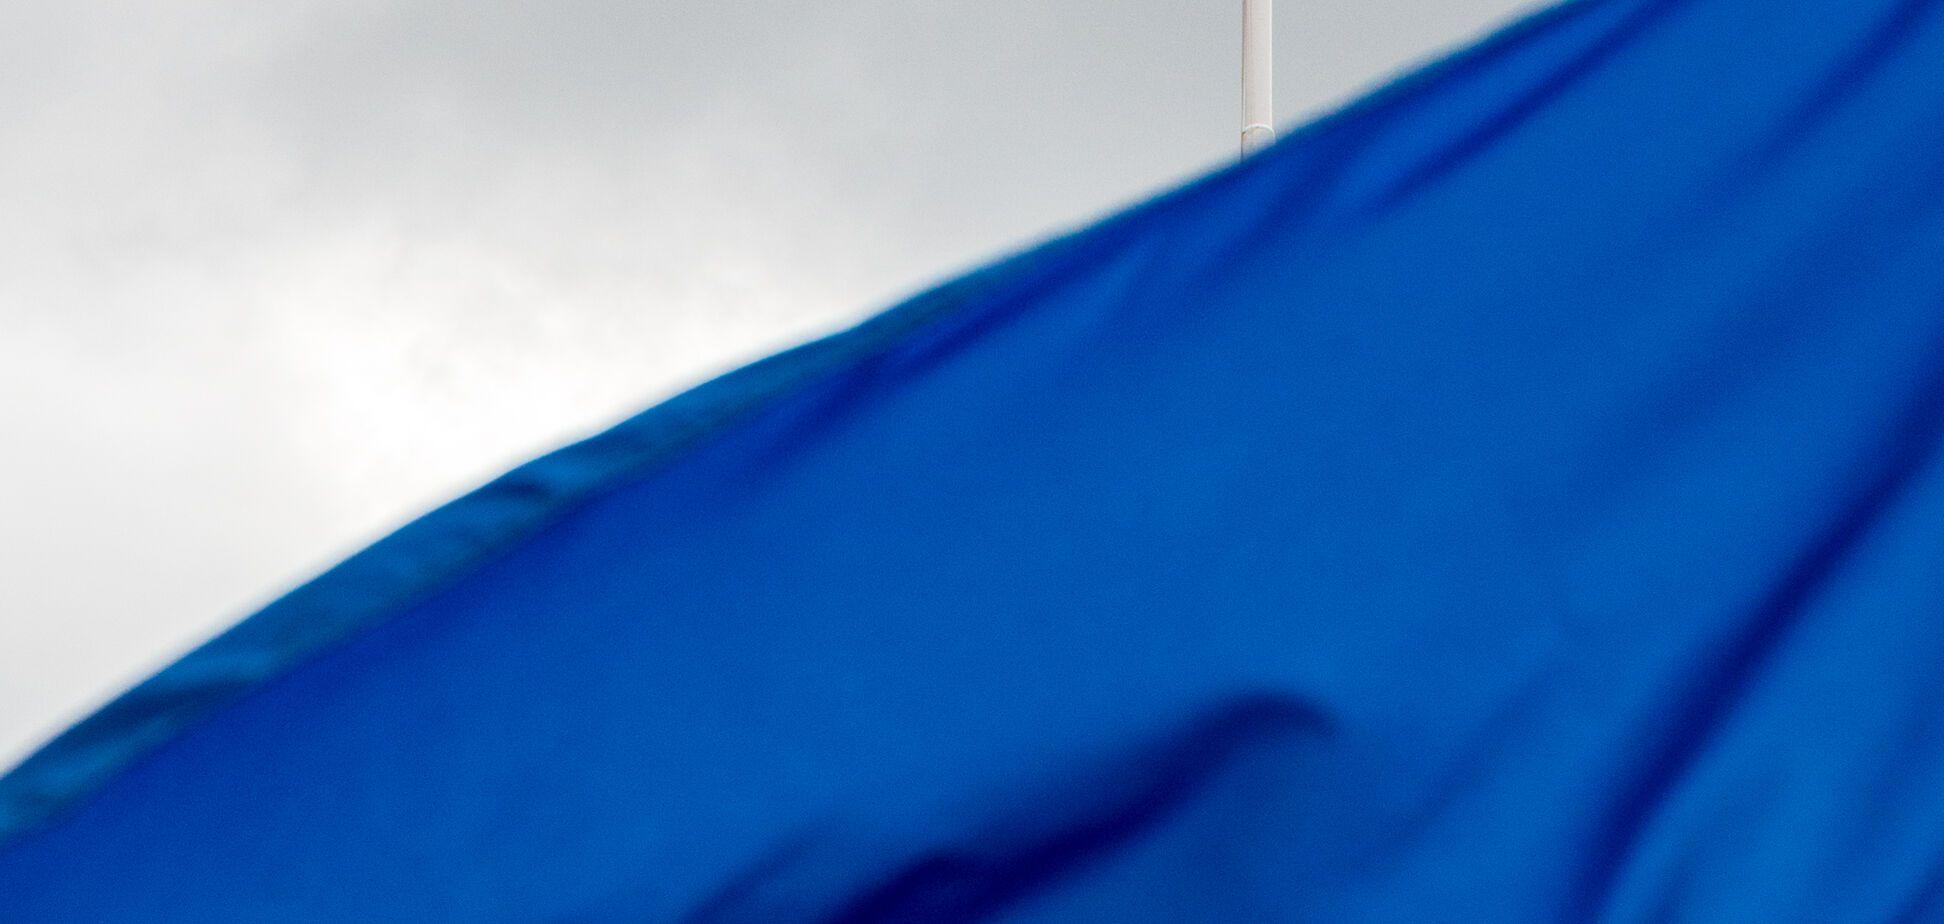 У Гройсмана розповіли про долю траншів МВФ для України